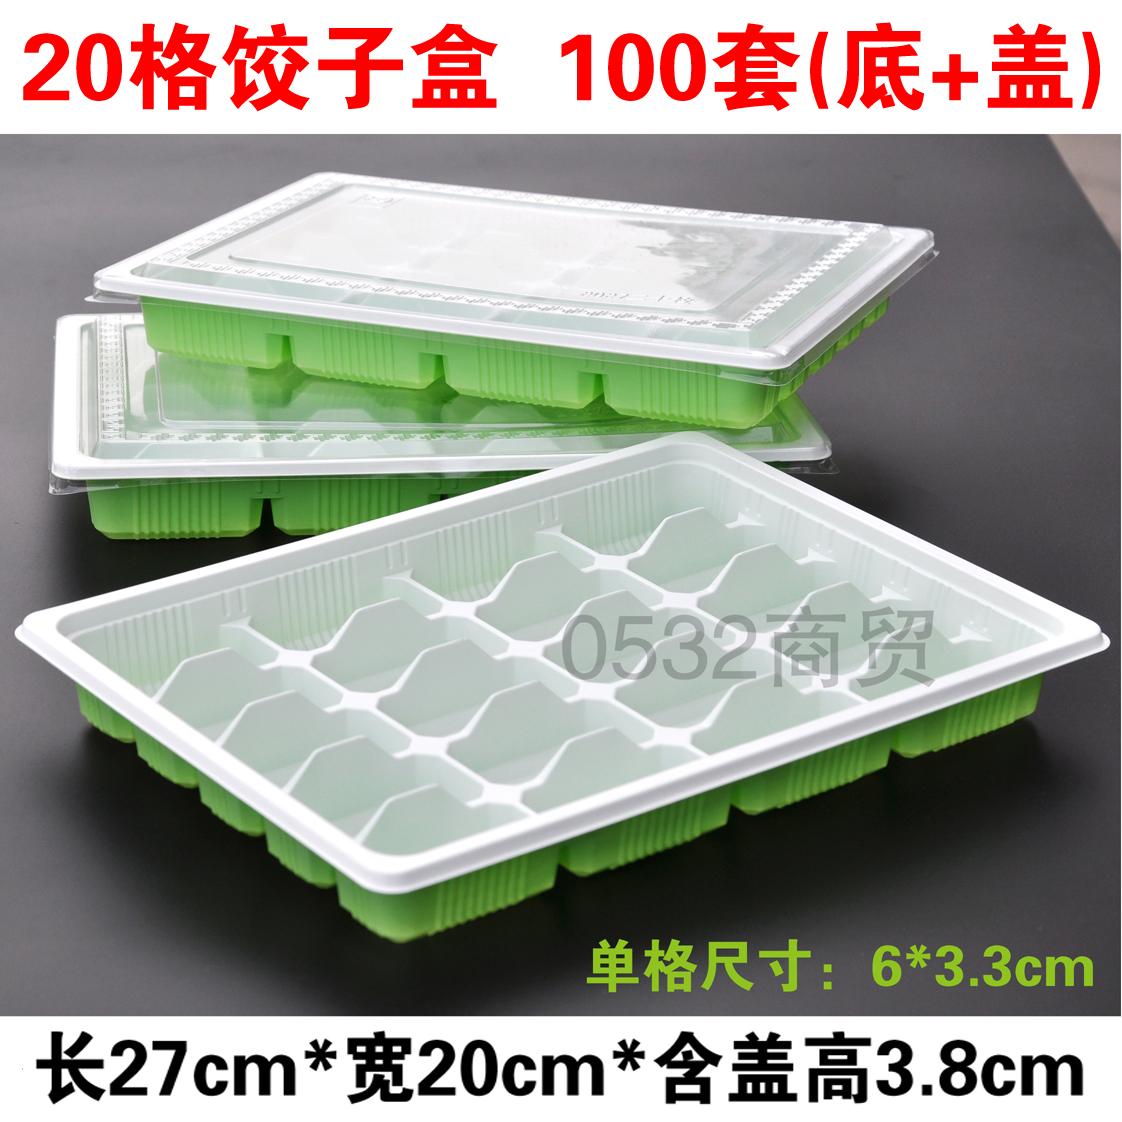 一次性塑料饺子盒12 15 18 20格加厚水饺饺子打包托盘带盖外卖盒